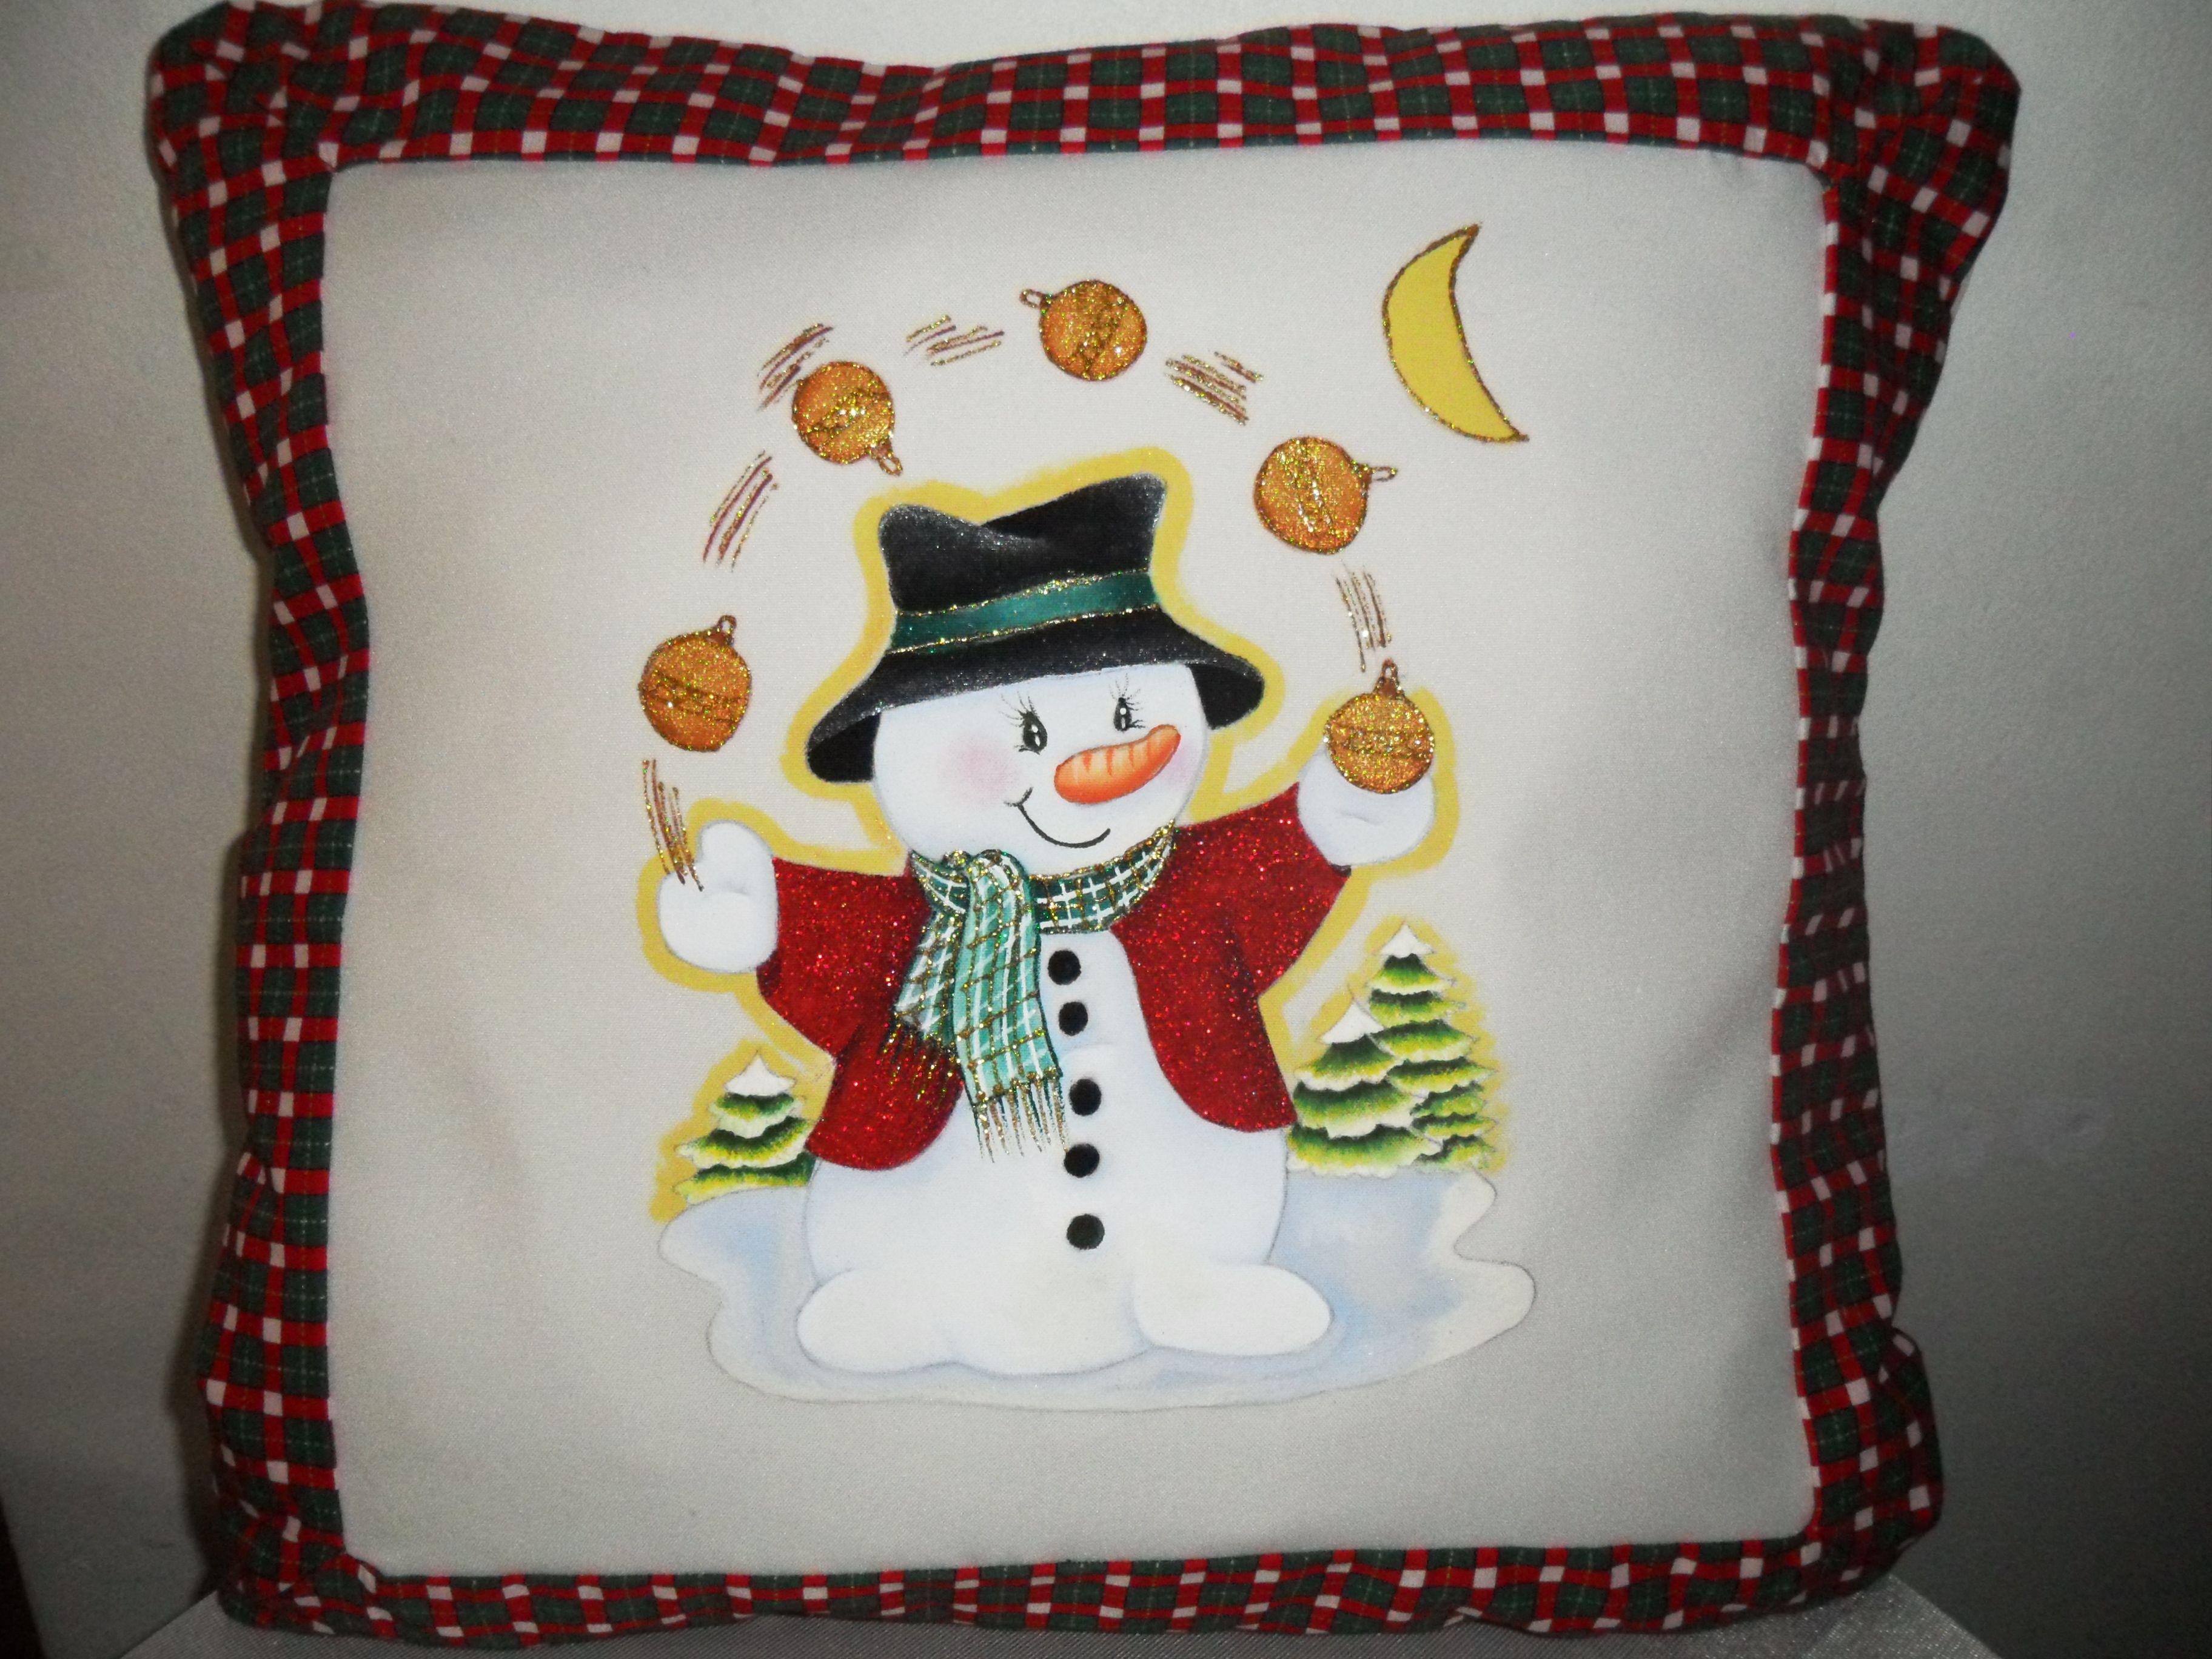 Cojin navide o pintado a mano sobre tela navidad - Dibujos navidenos para pintar en tela ...